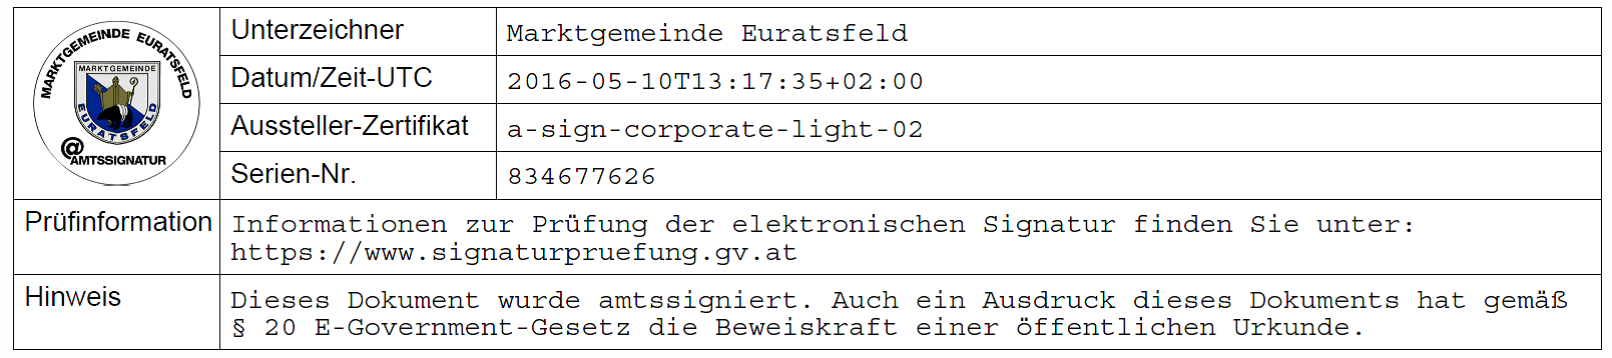 Amtssignatur_Schnappschuss.png